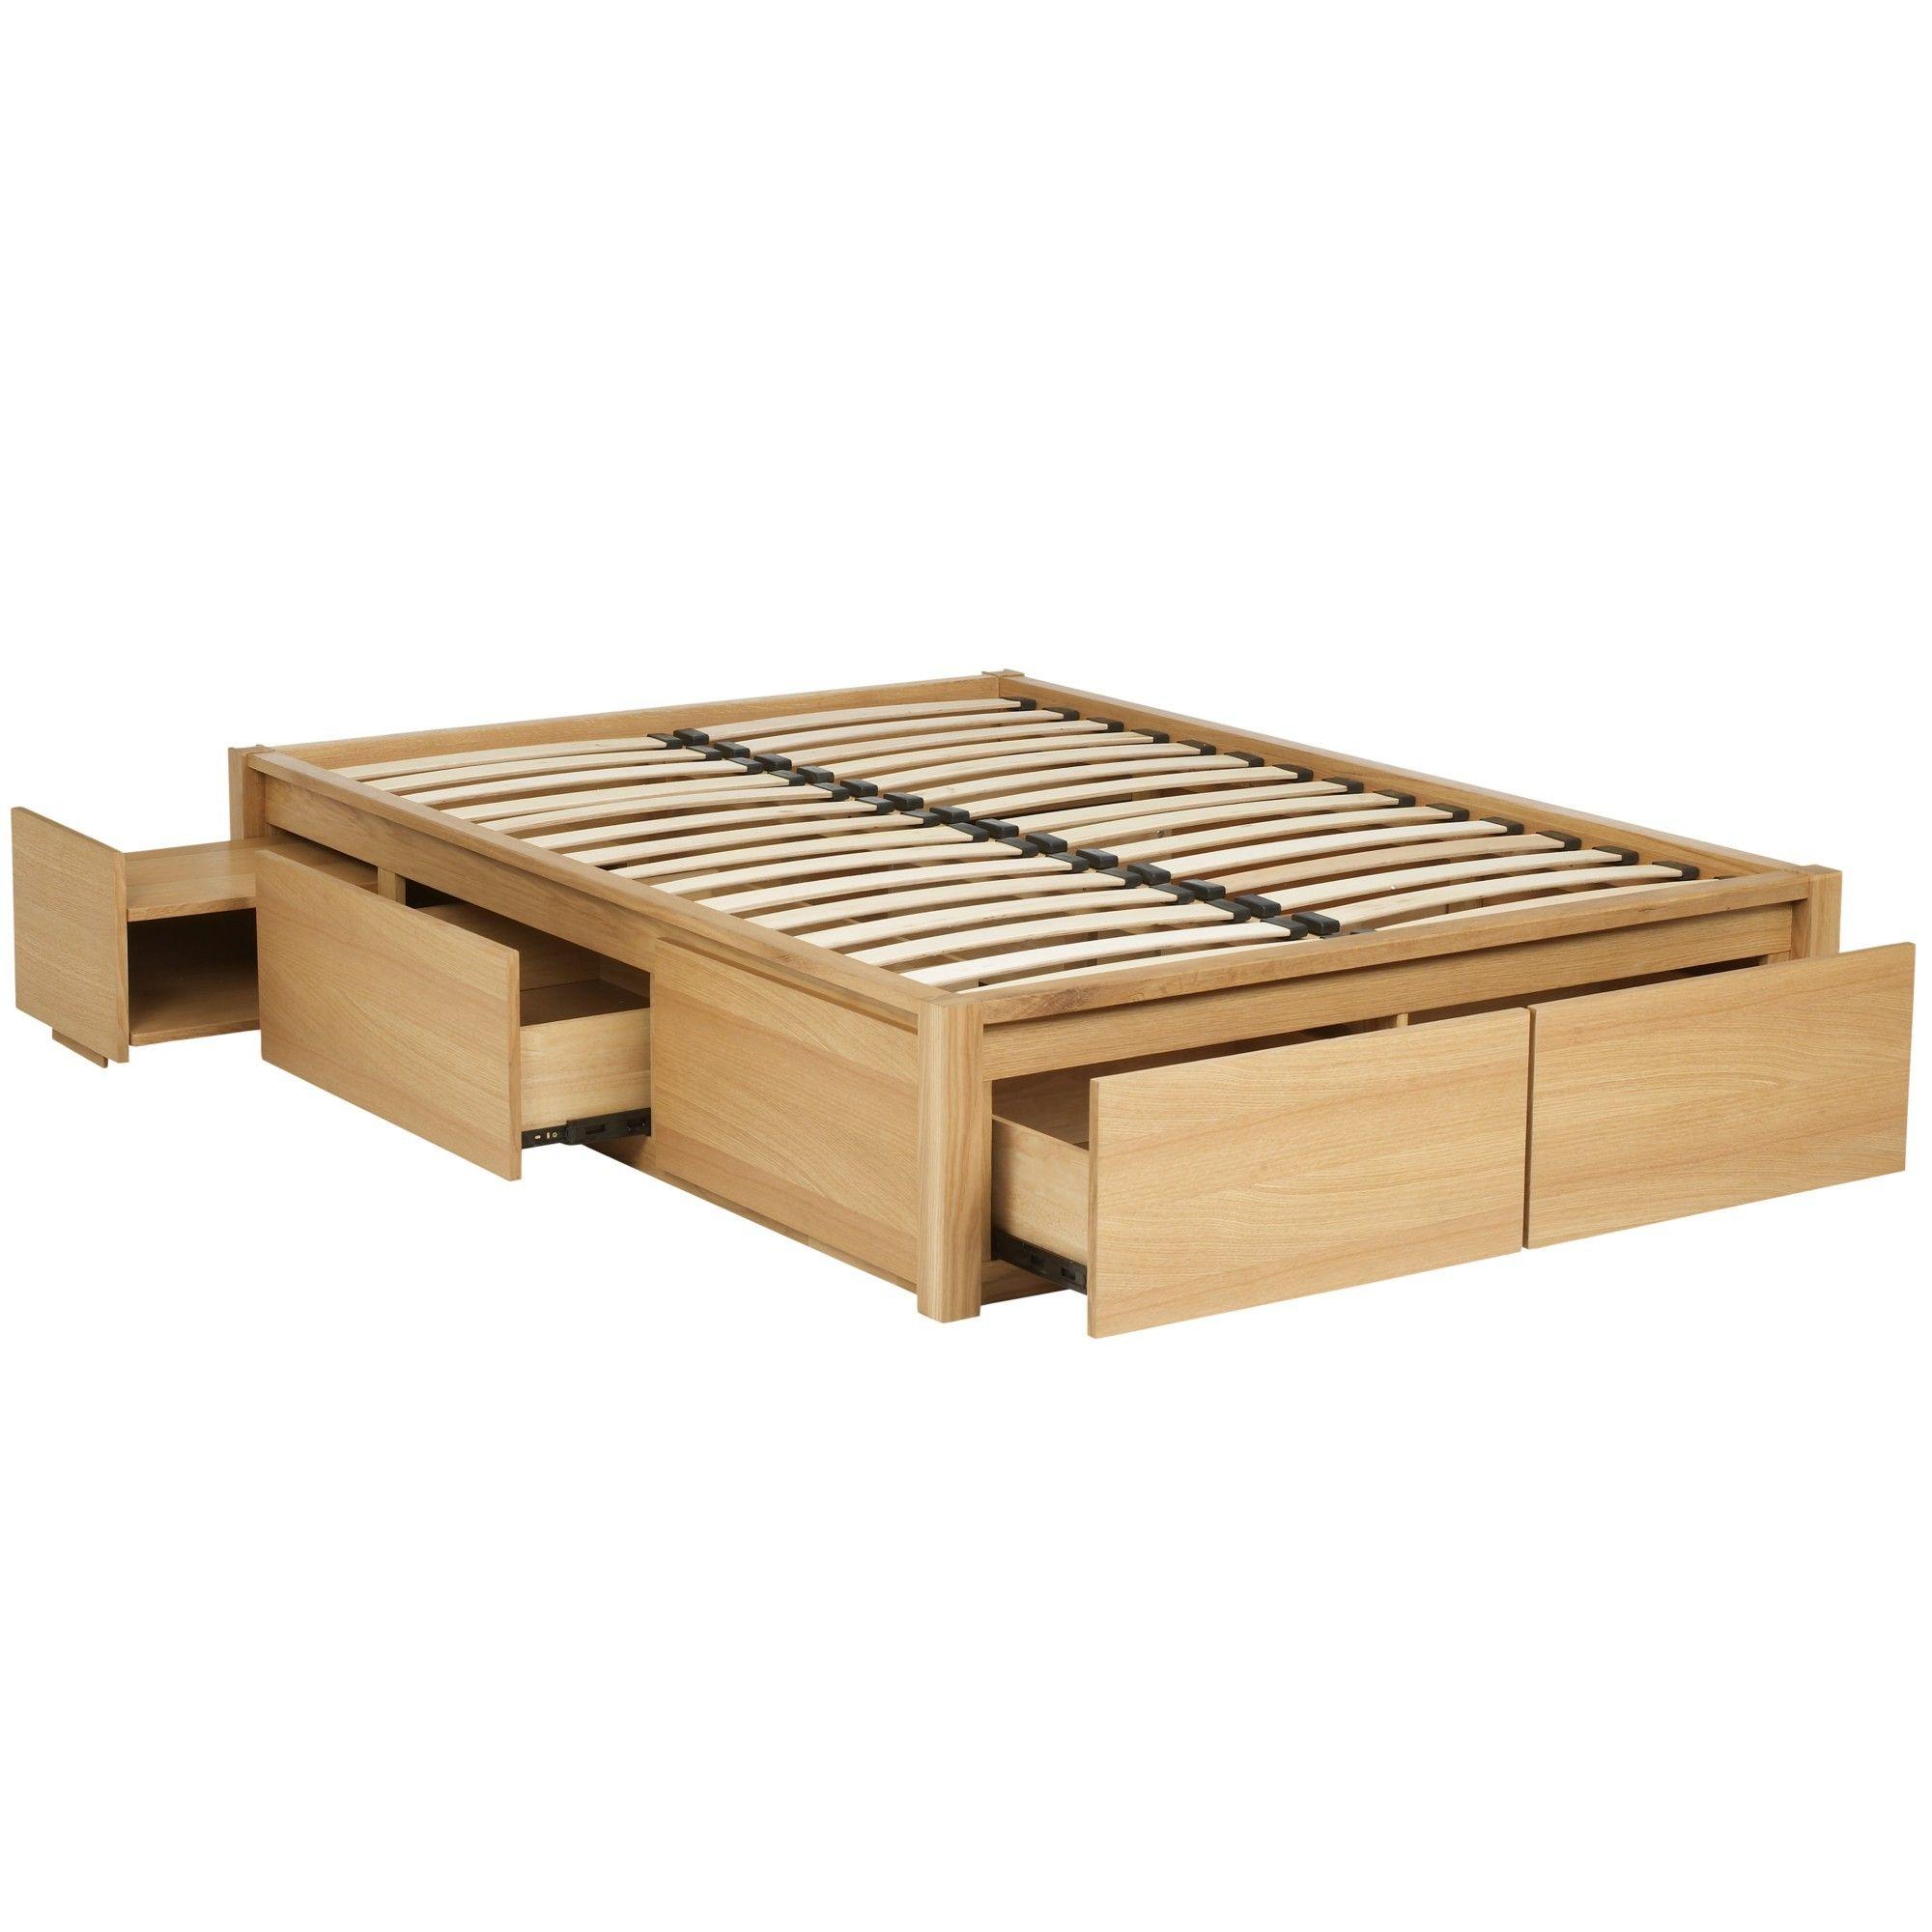 Plane Fur Queen Size Plattform Bett Bett Lagerung Plattform